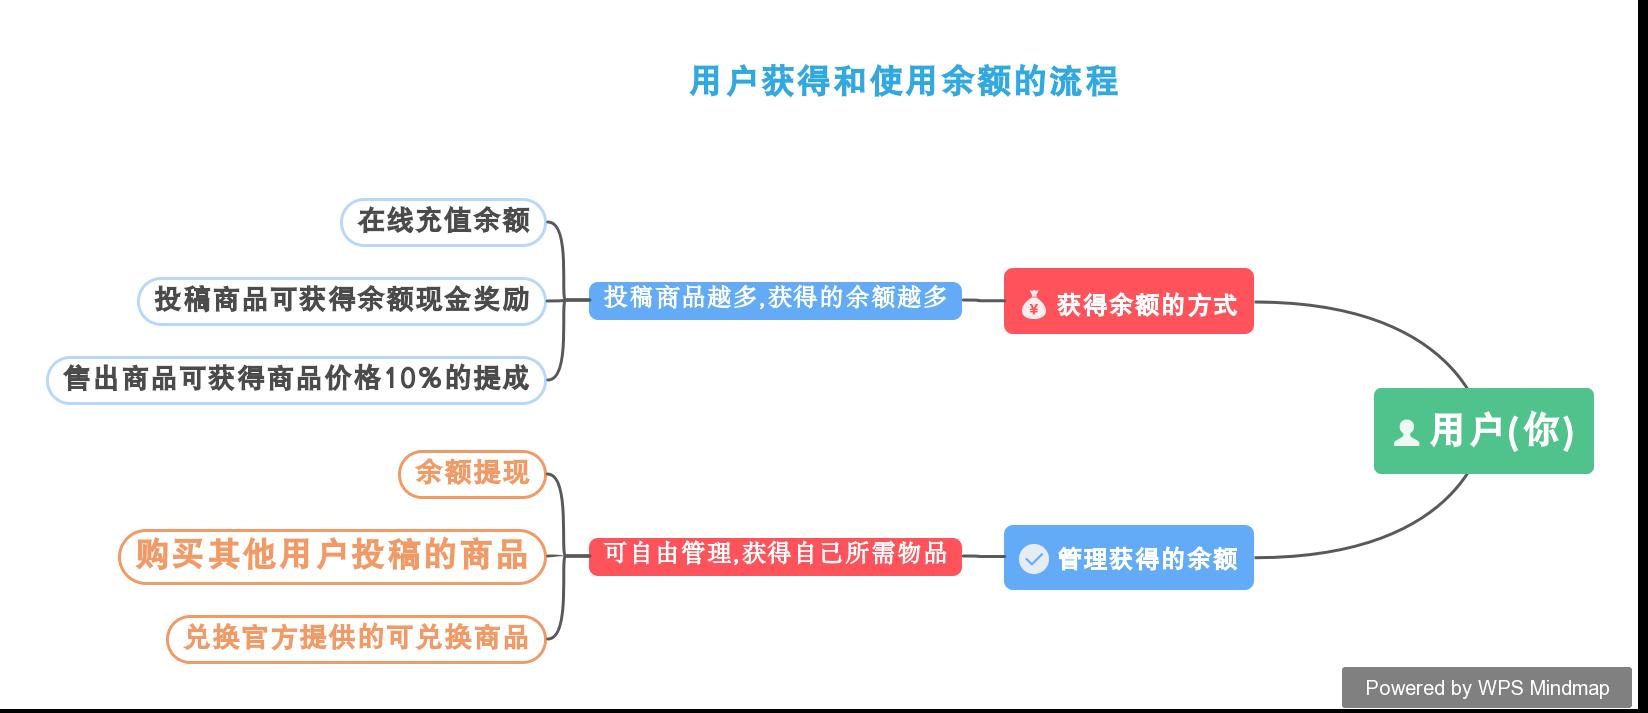 晴天-Market | 发展体系  第1张